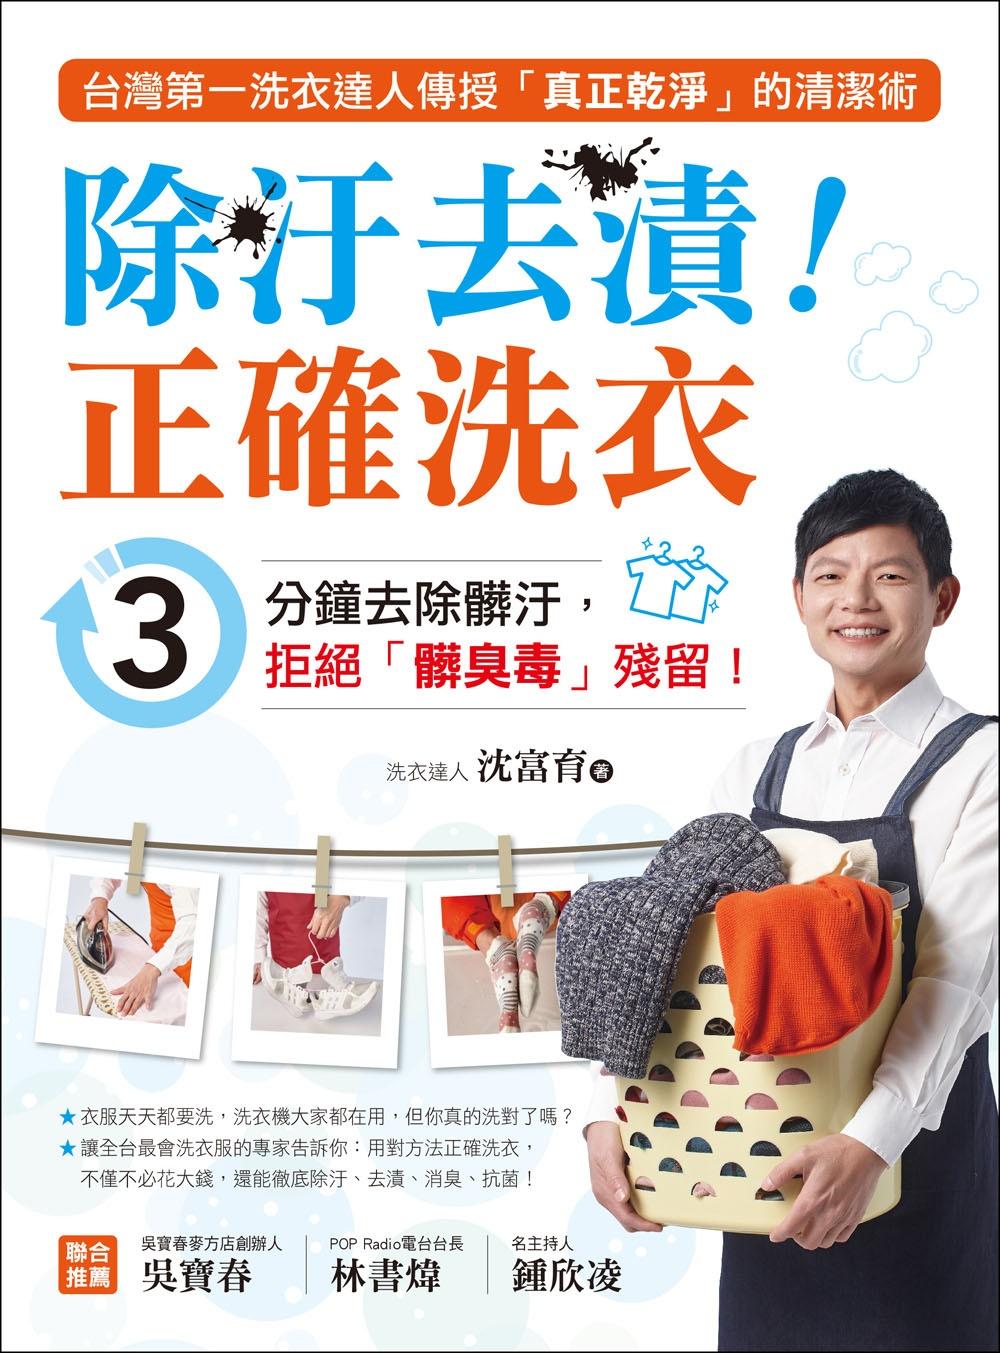 除汙去漬!正確洗衣:台灣第一洗衣達人傳授「真正乾淨」的清潔術,3分鐘去除髒汙,拒絕「髒臭毒」殘留!